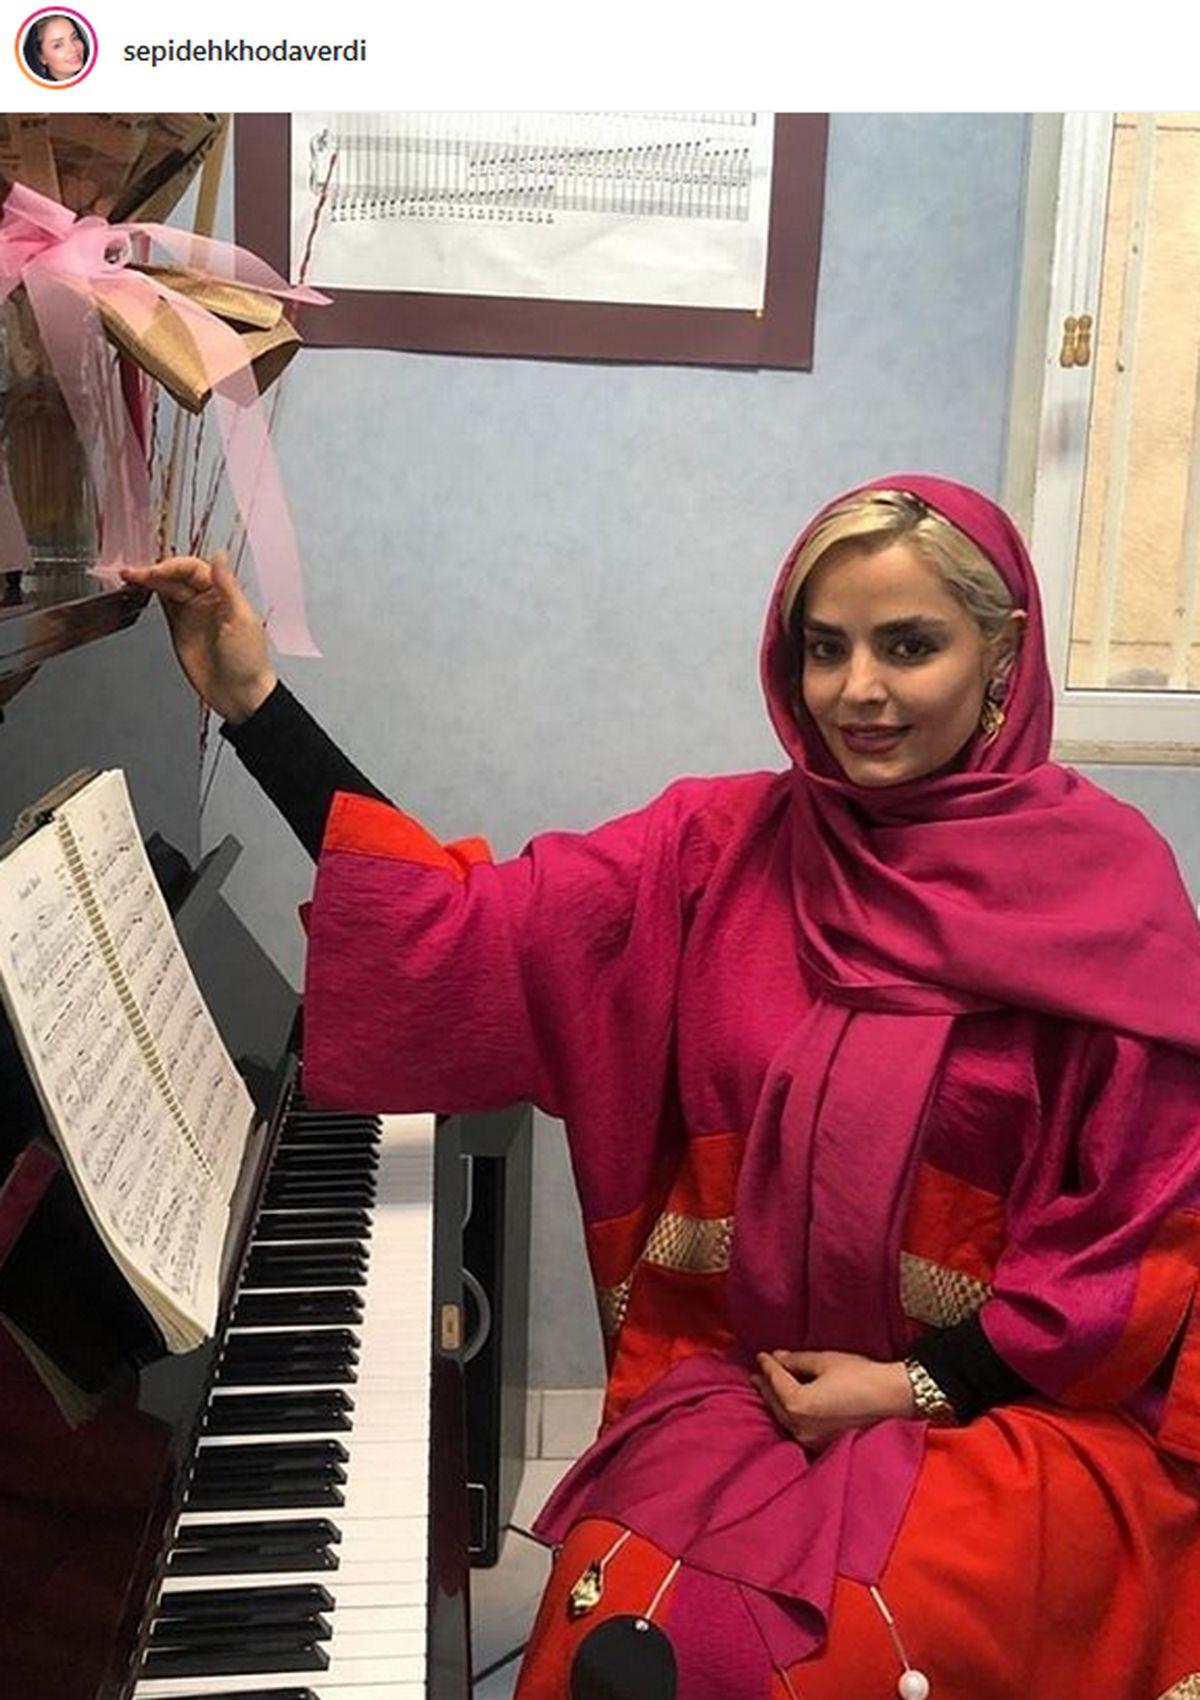 سپیده خداوردی در حال آموزش پیانو + عکس